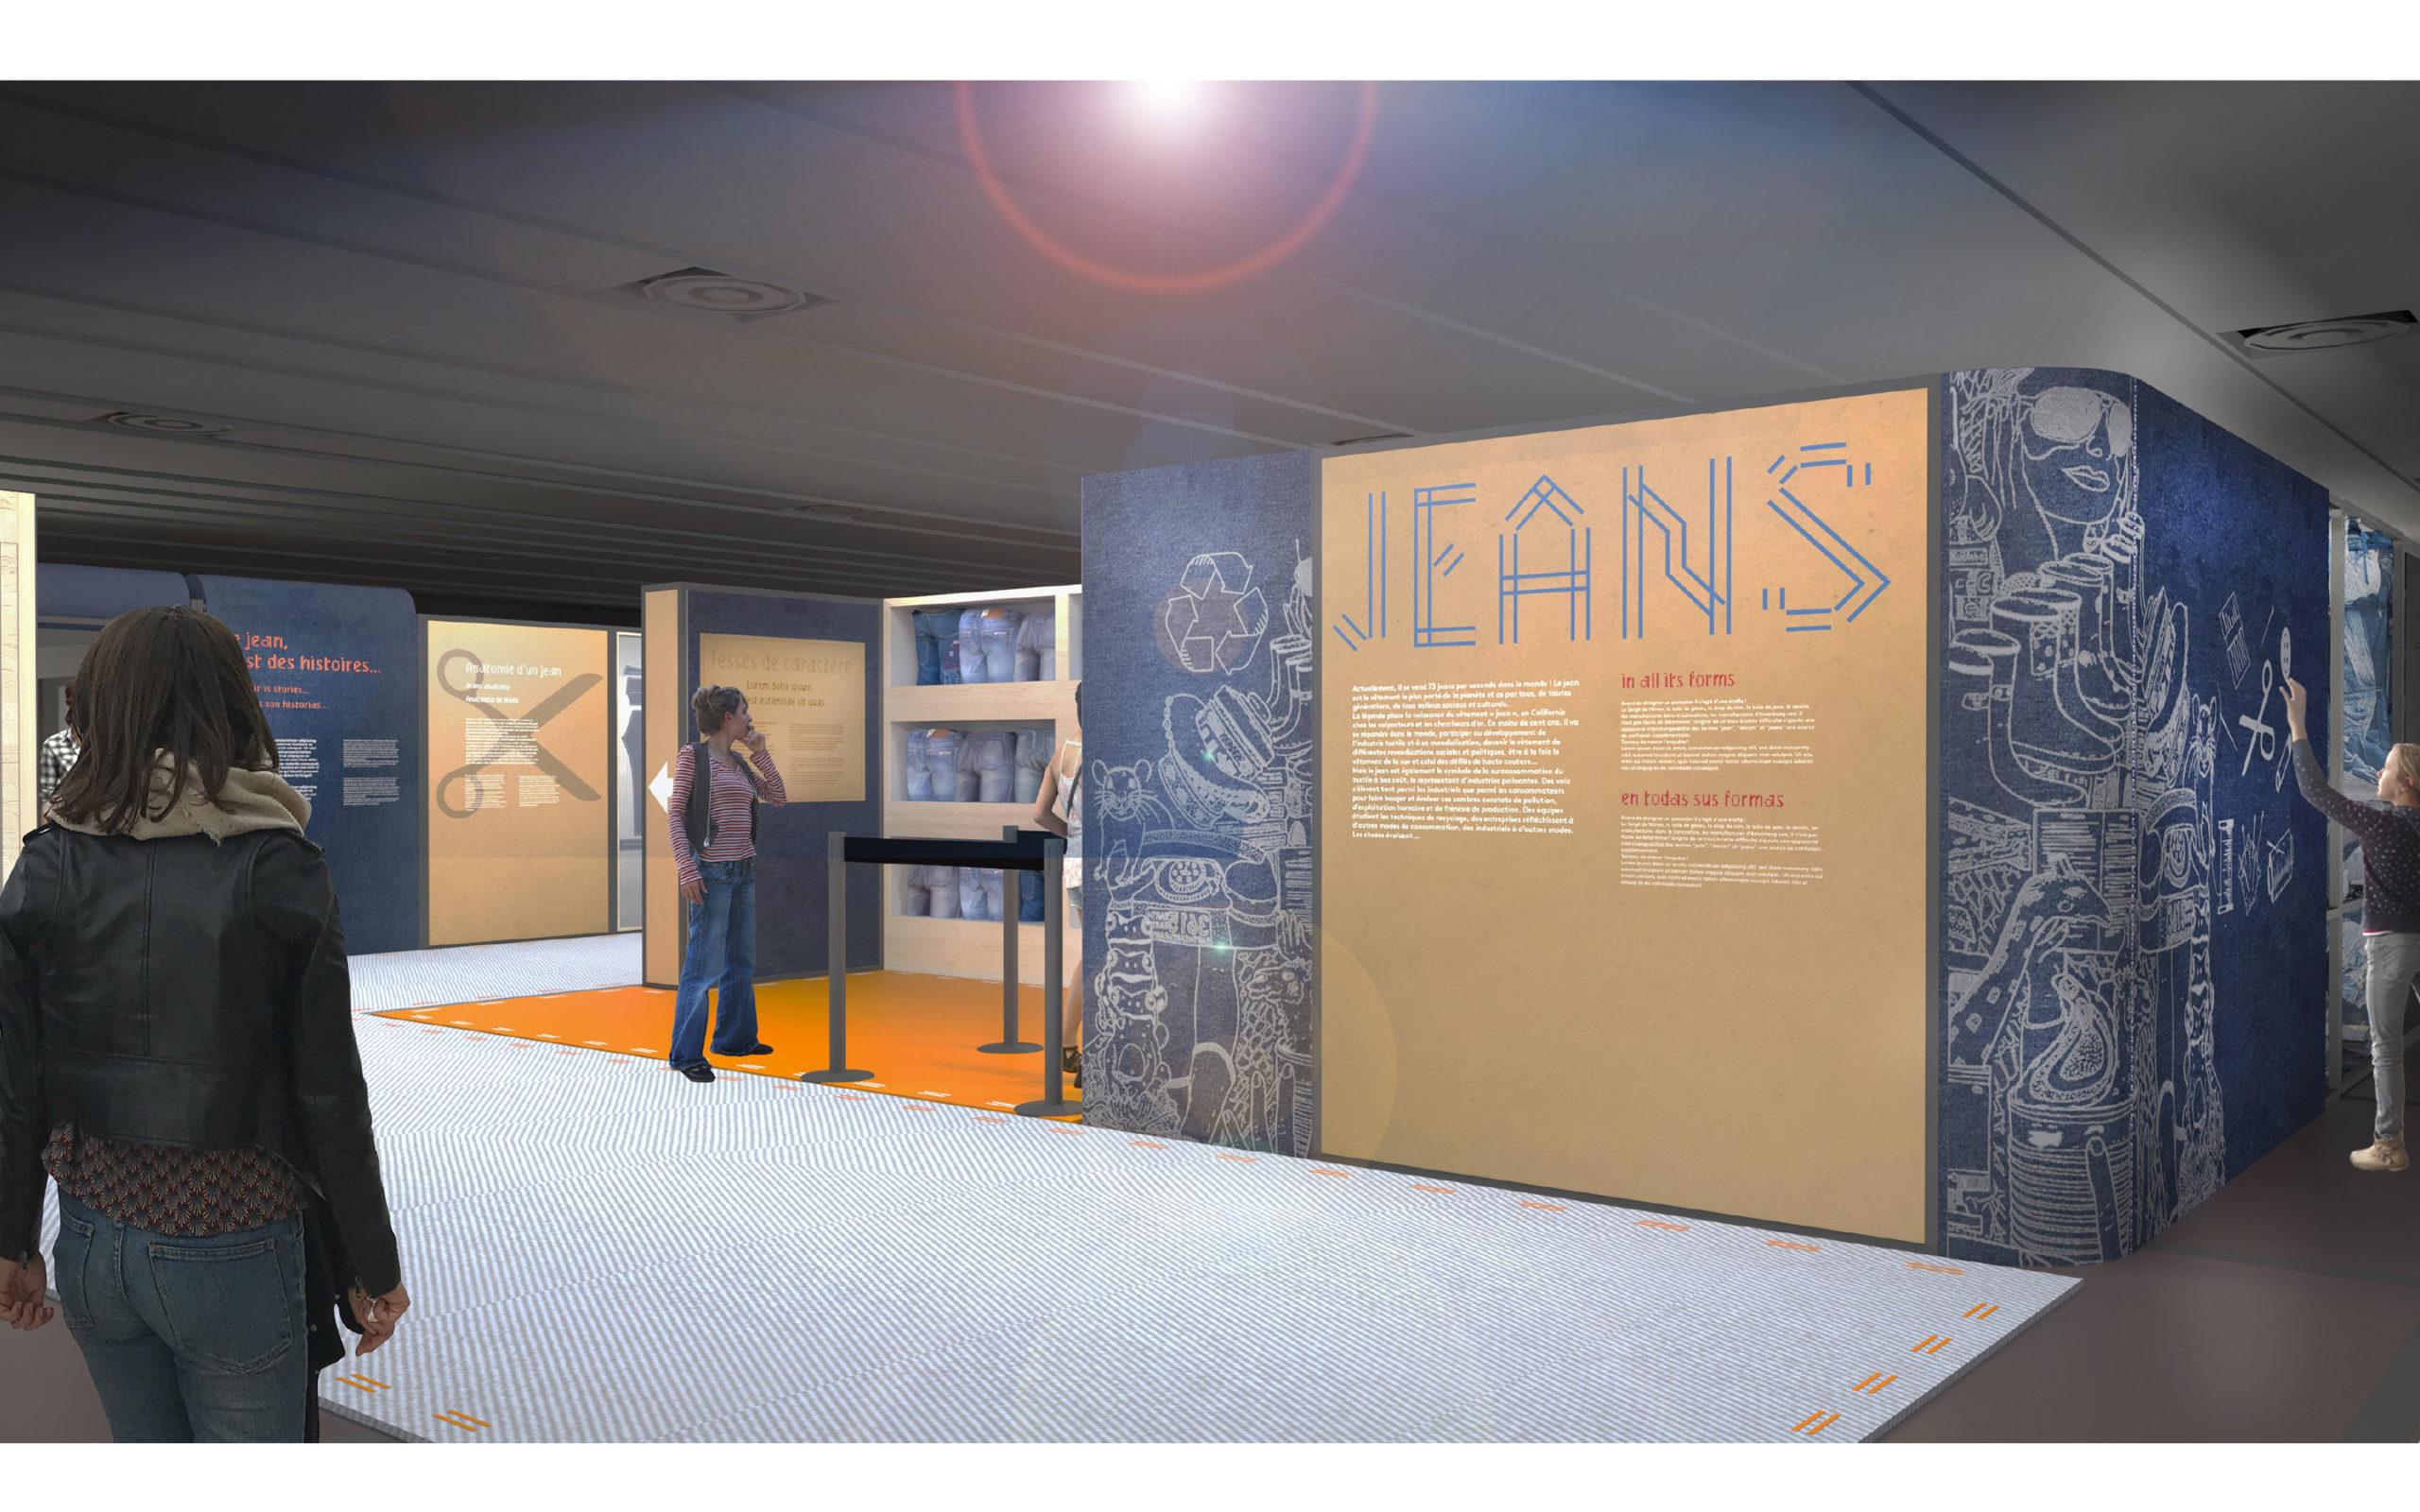 Exposition JEAN à la Cité des Sciences et de l'Industrie